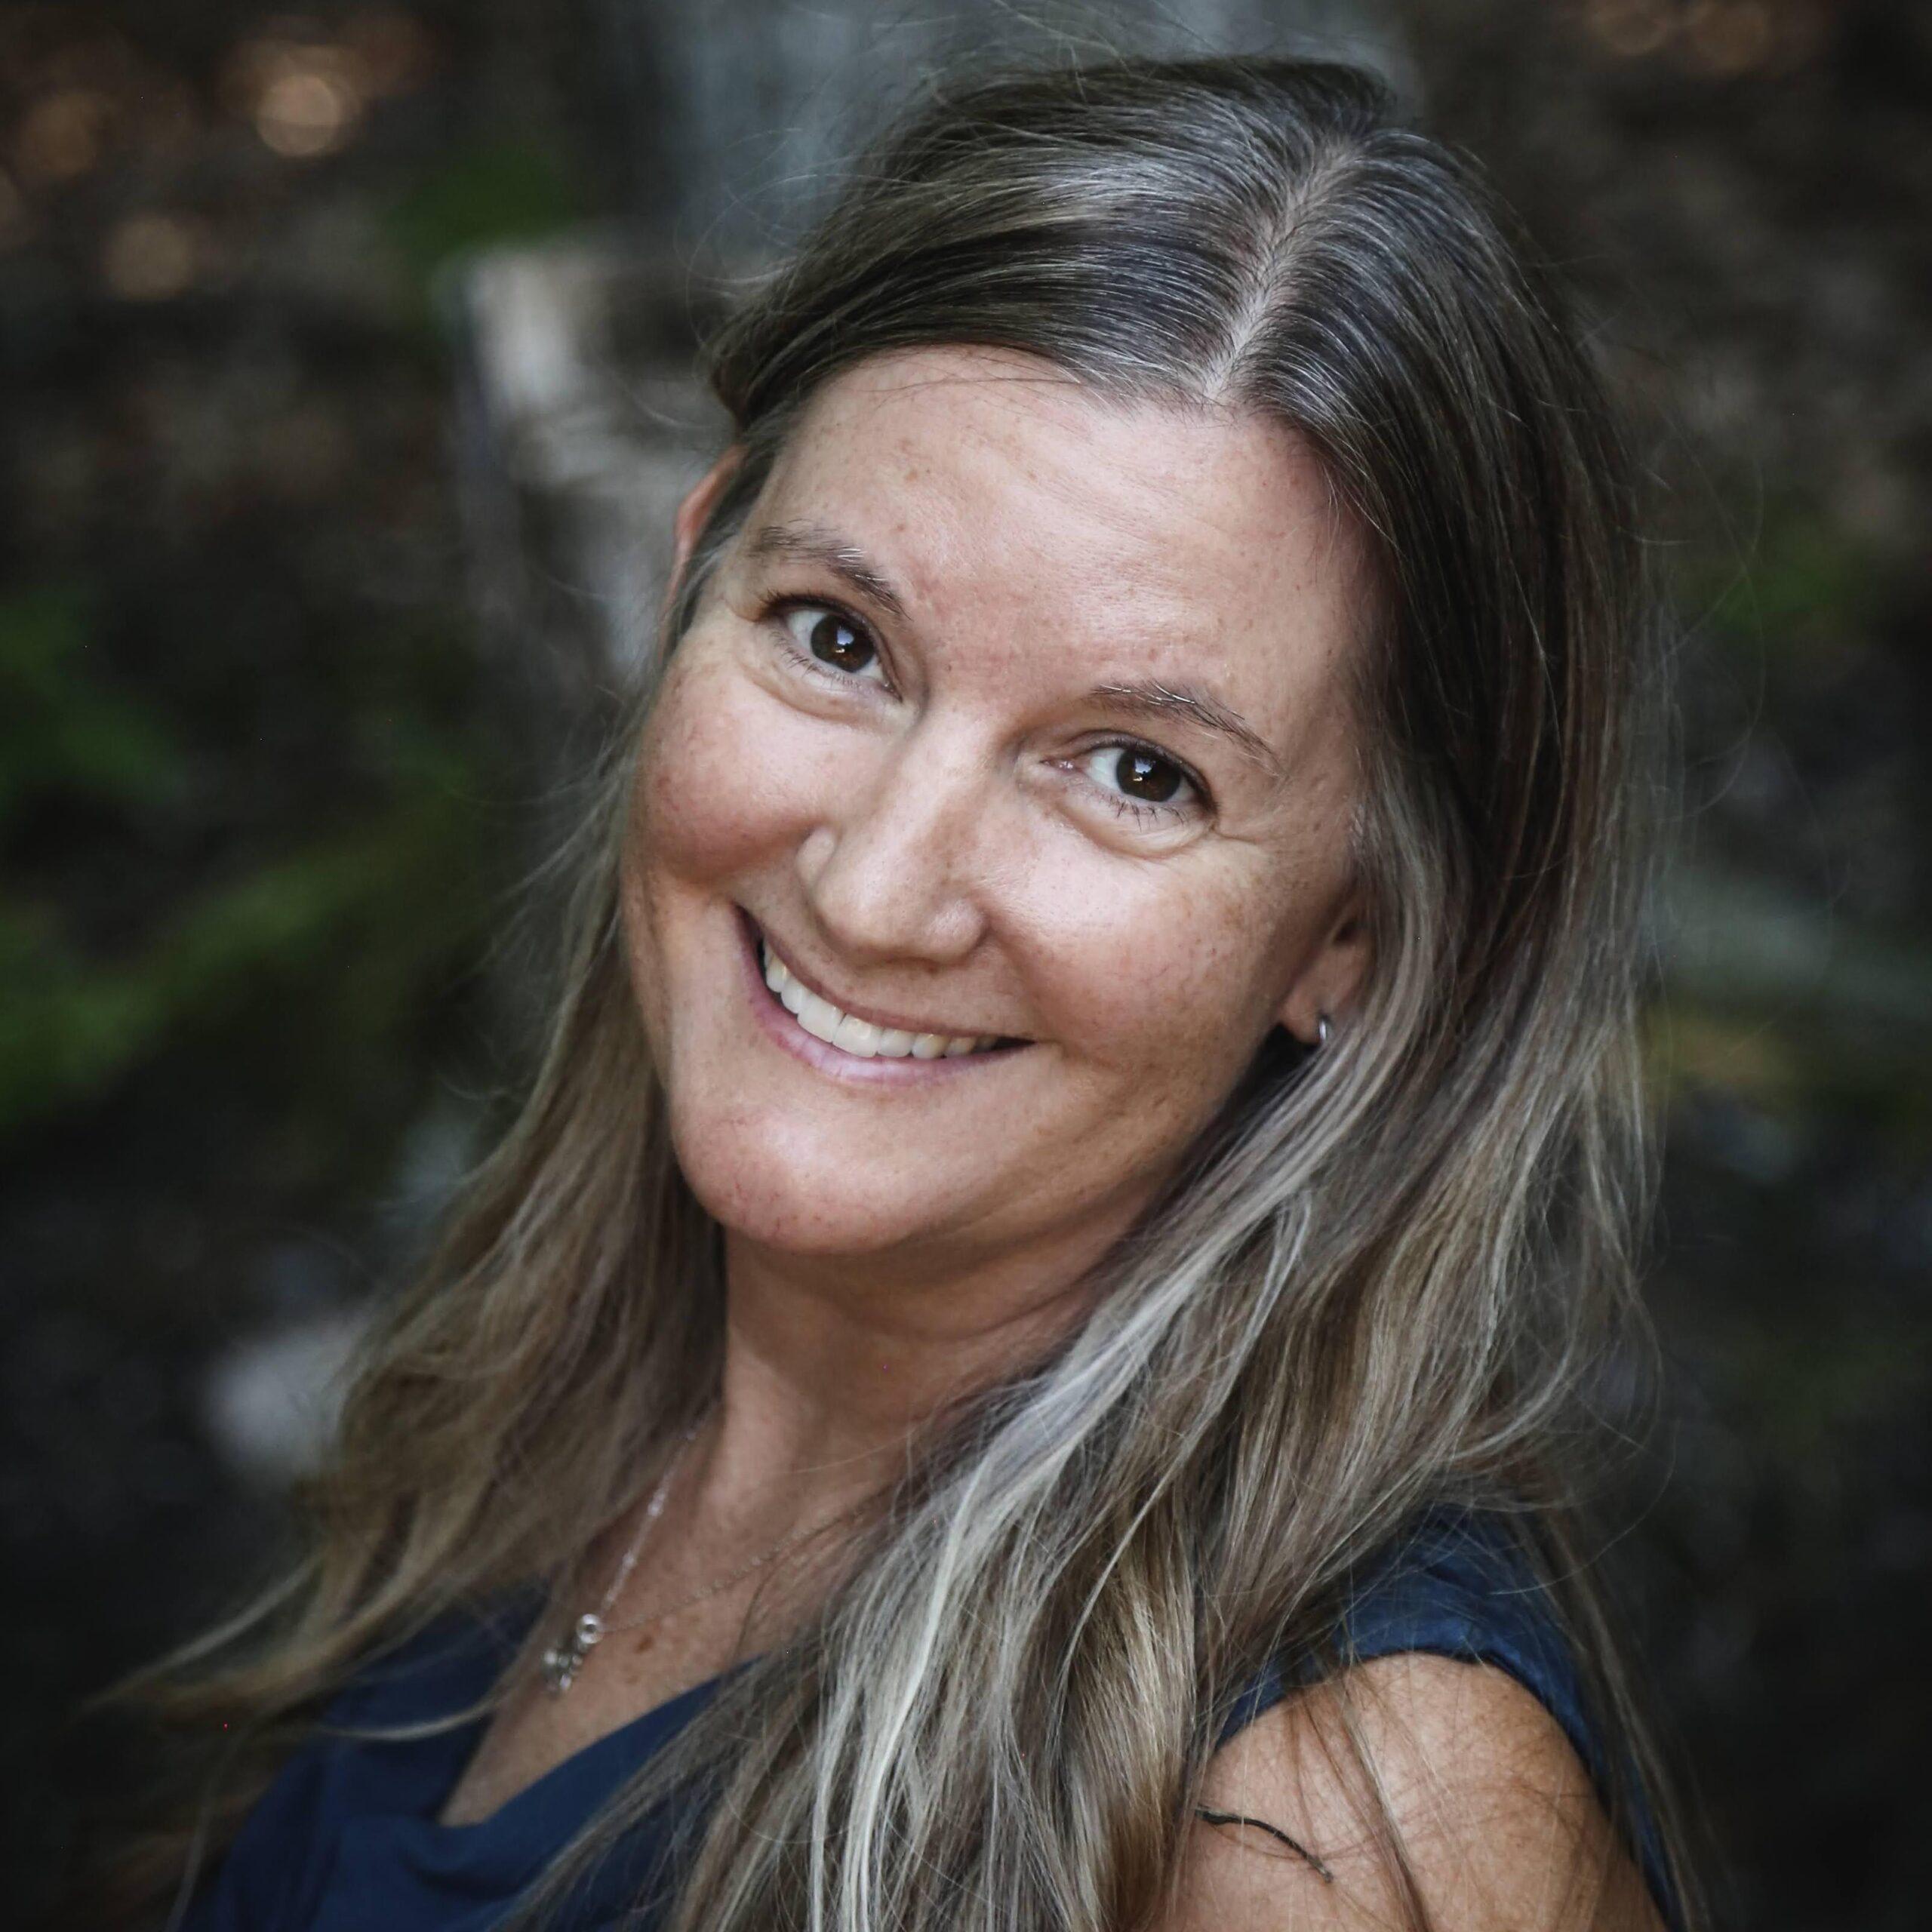 Giselle Shardlow Profile Image